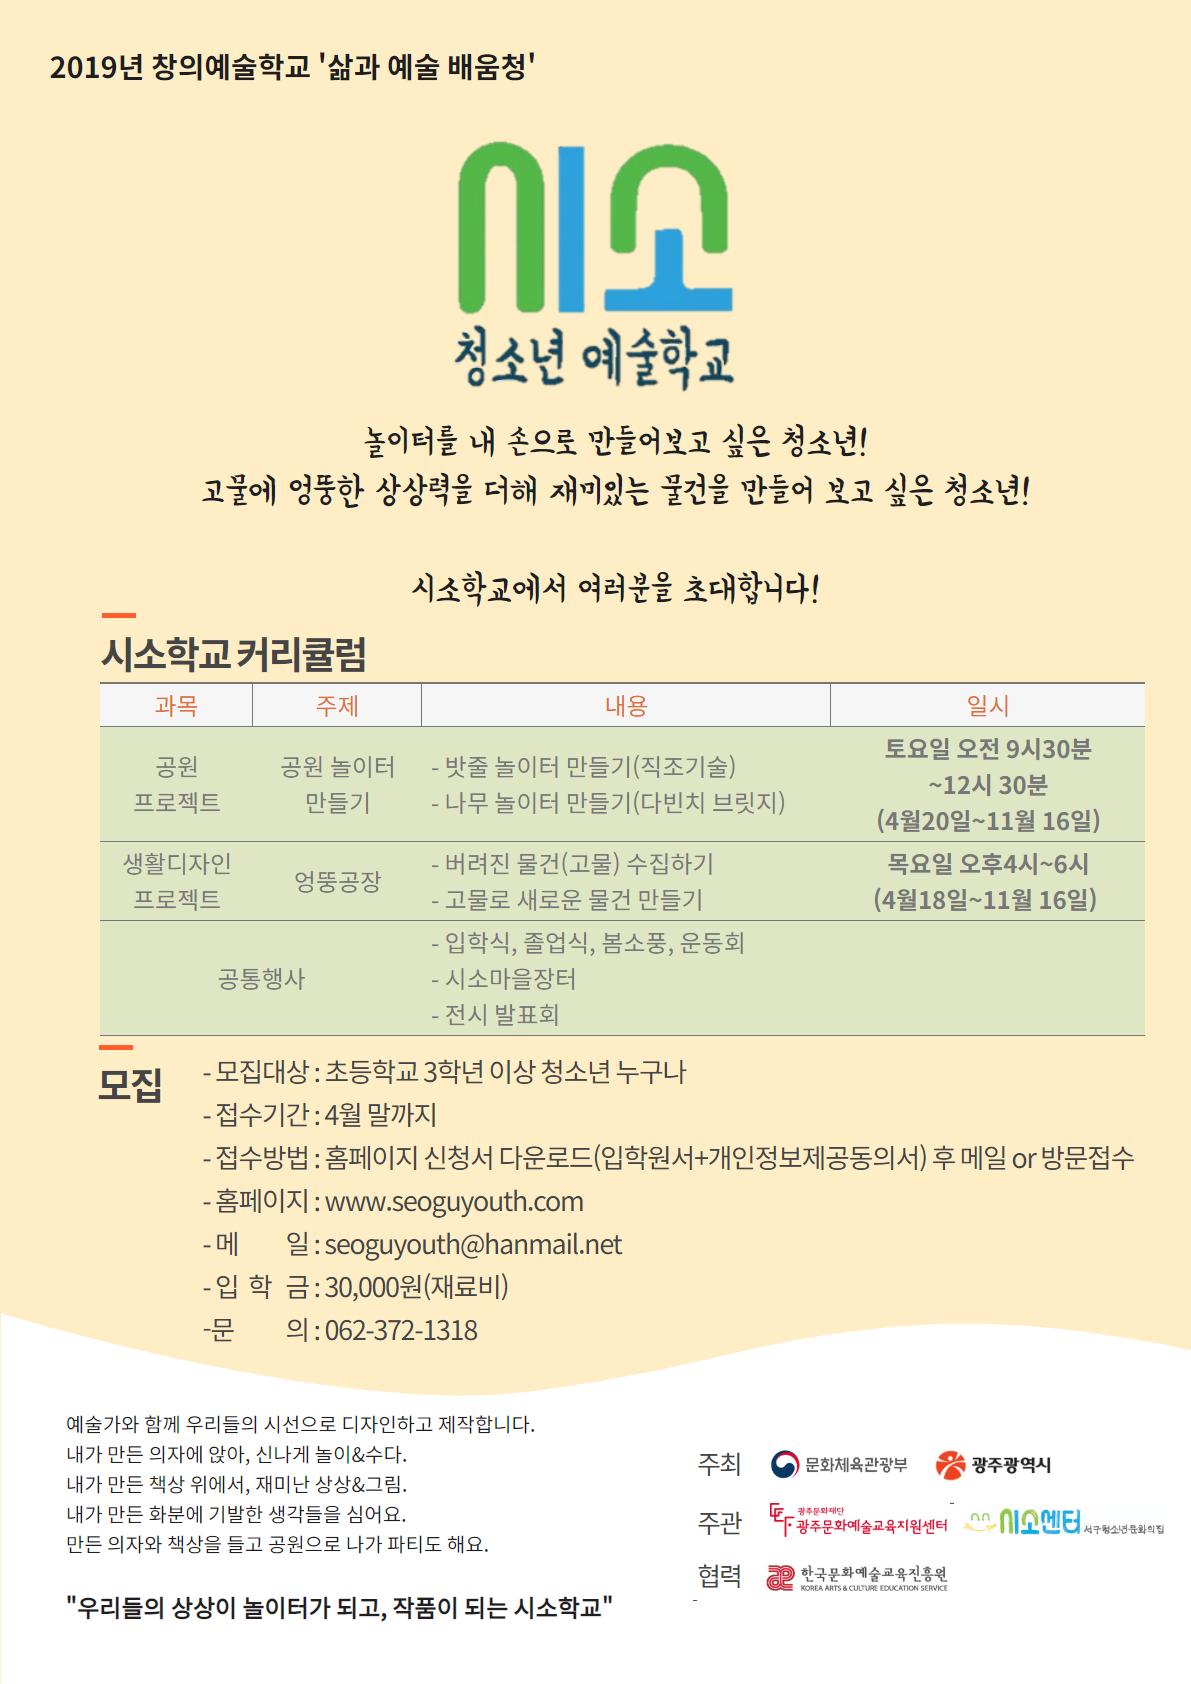 2019 창의예술_시소학교_포스터_수정_0410.png